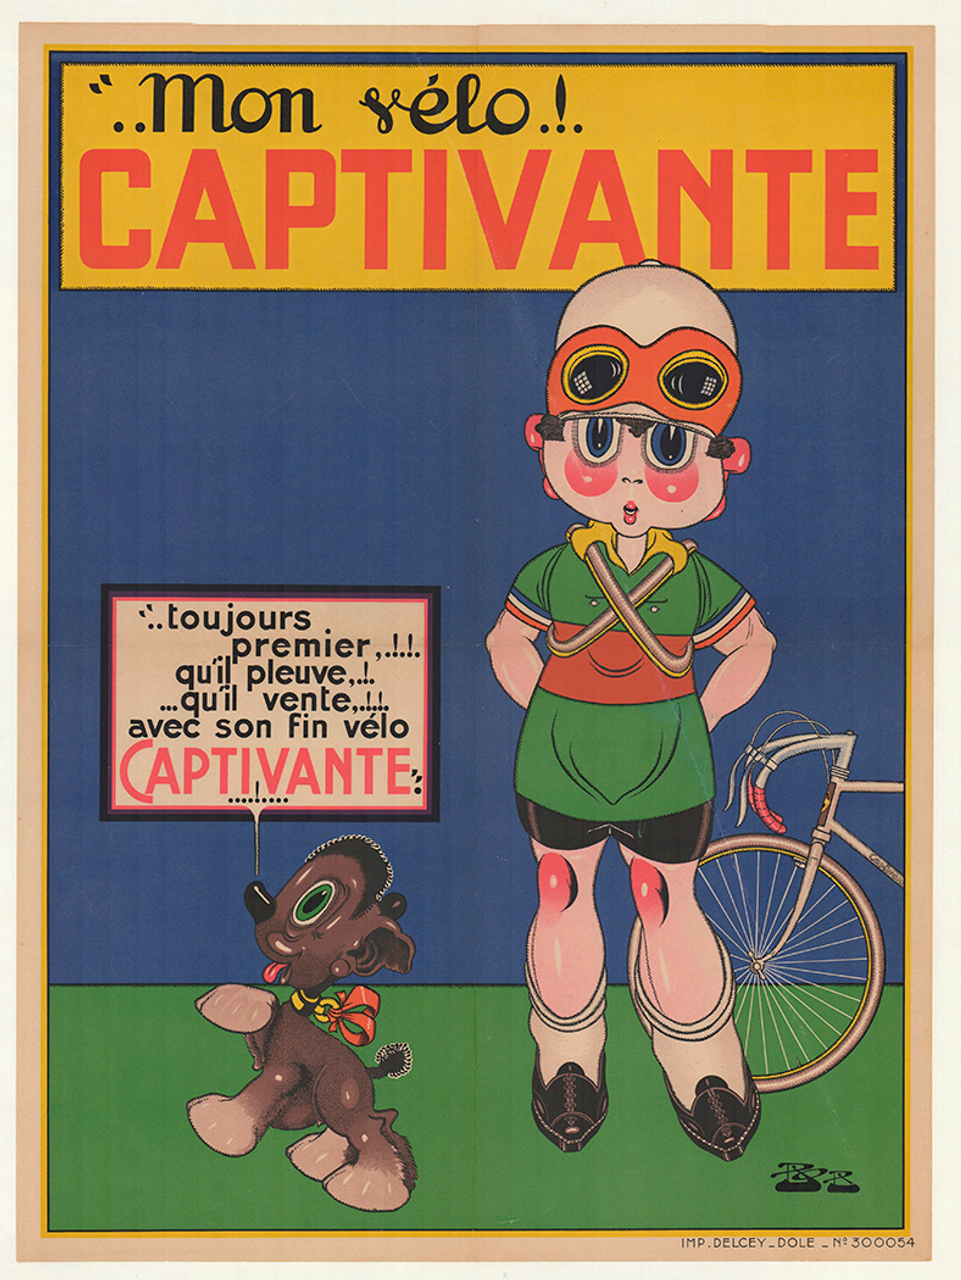 Captivante Original Vintage Bicycle Poster by BOB